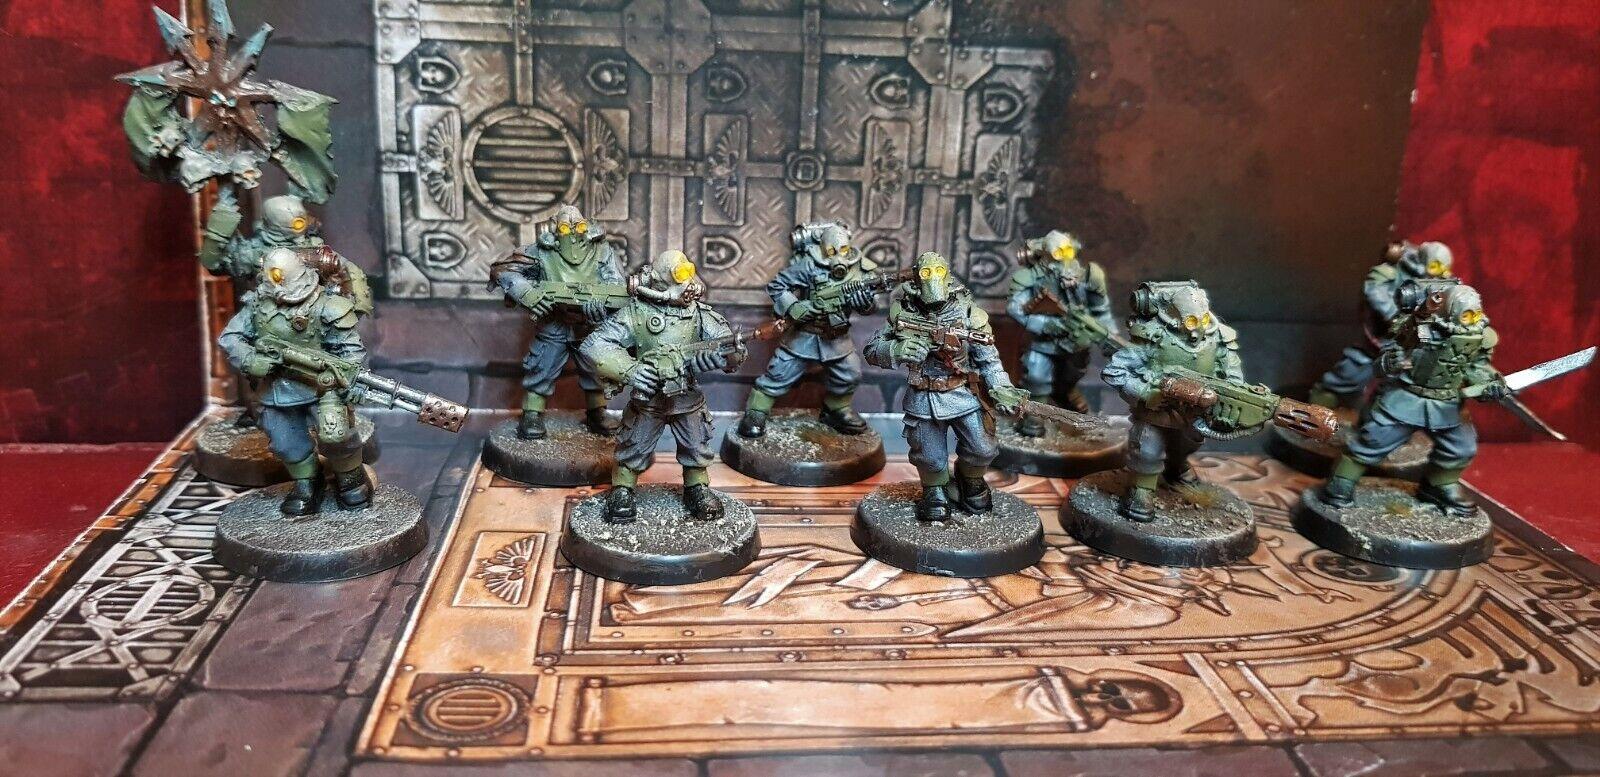 Renegade milicia escuadrón de infantería Pintado Raro conversión Warhammer 40k